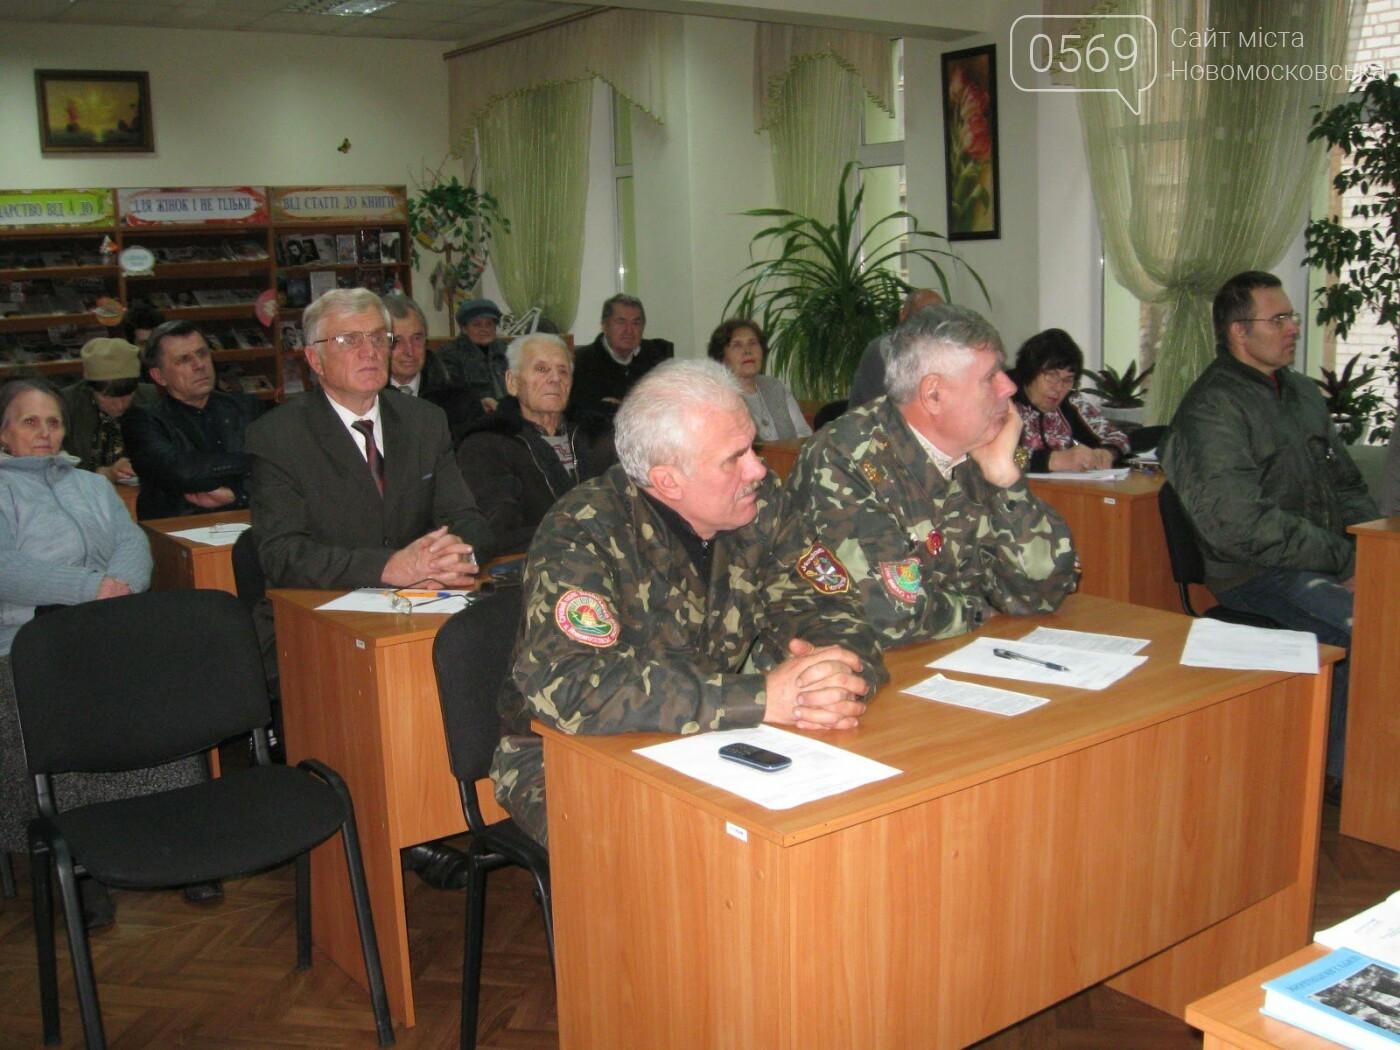 Новомосковці зустрілися з Миколою Чабаном - відомим письменником та журналістом, фото-2